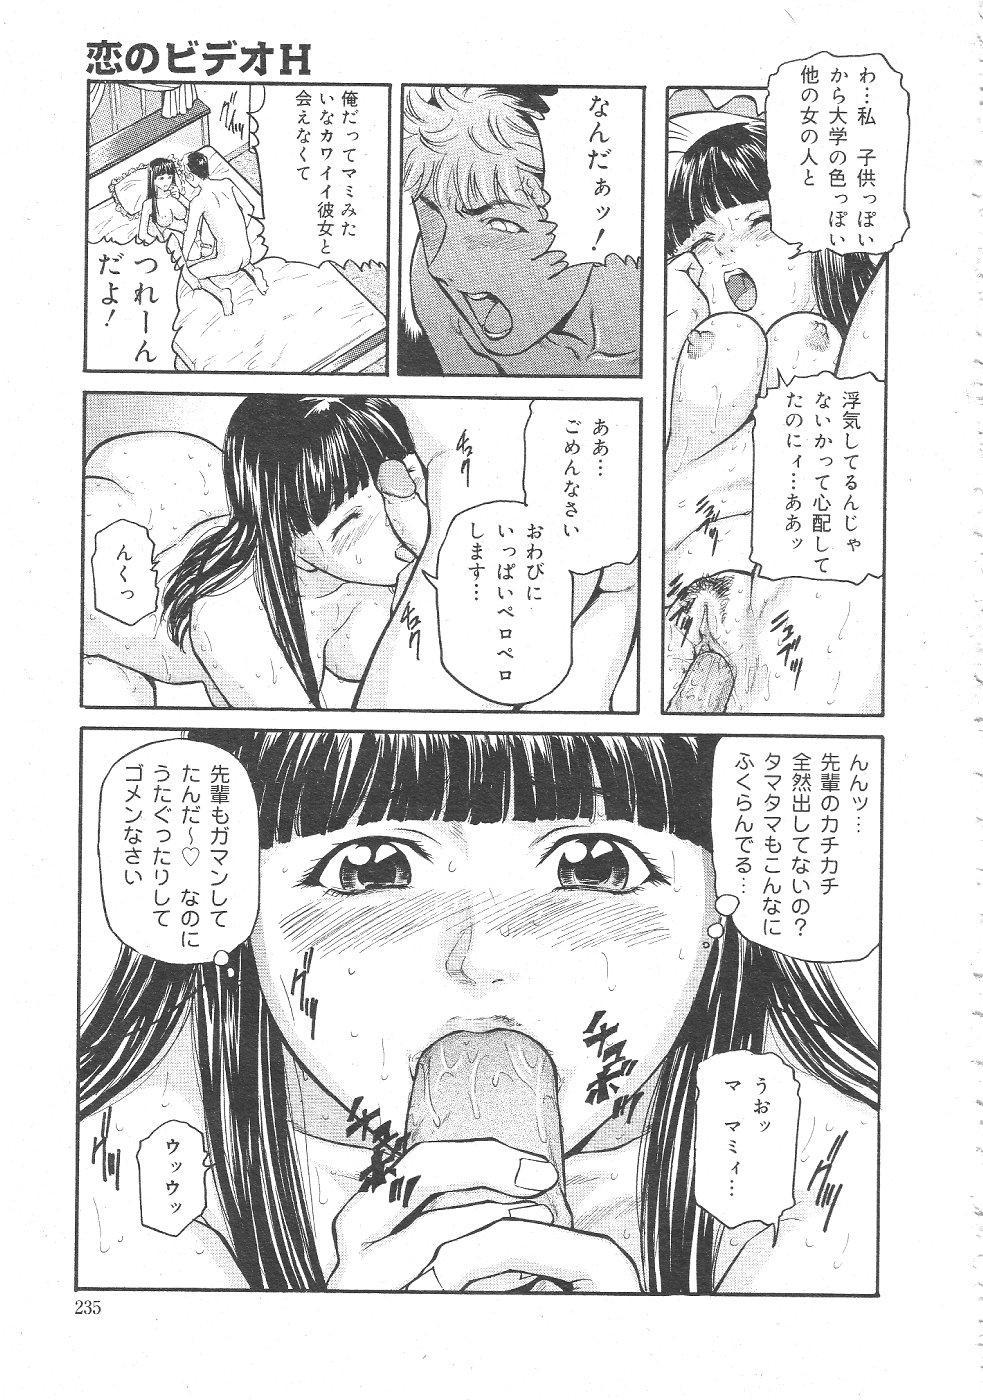 Gekkan Comic Muga 2004-06 Vol.10 238